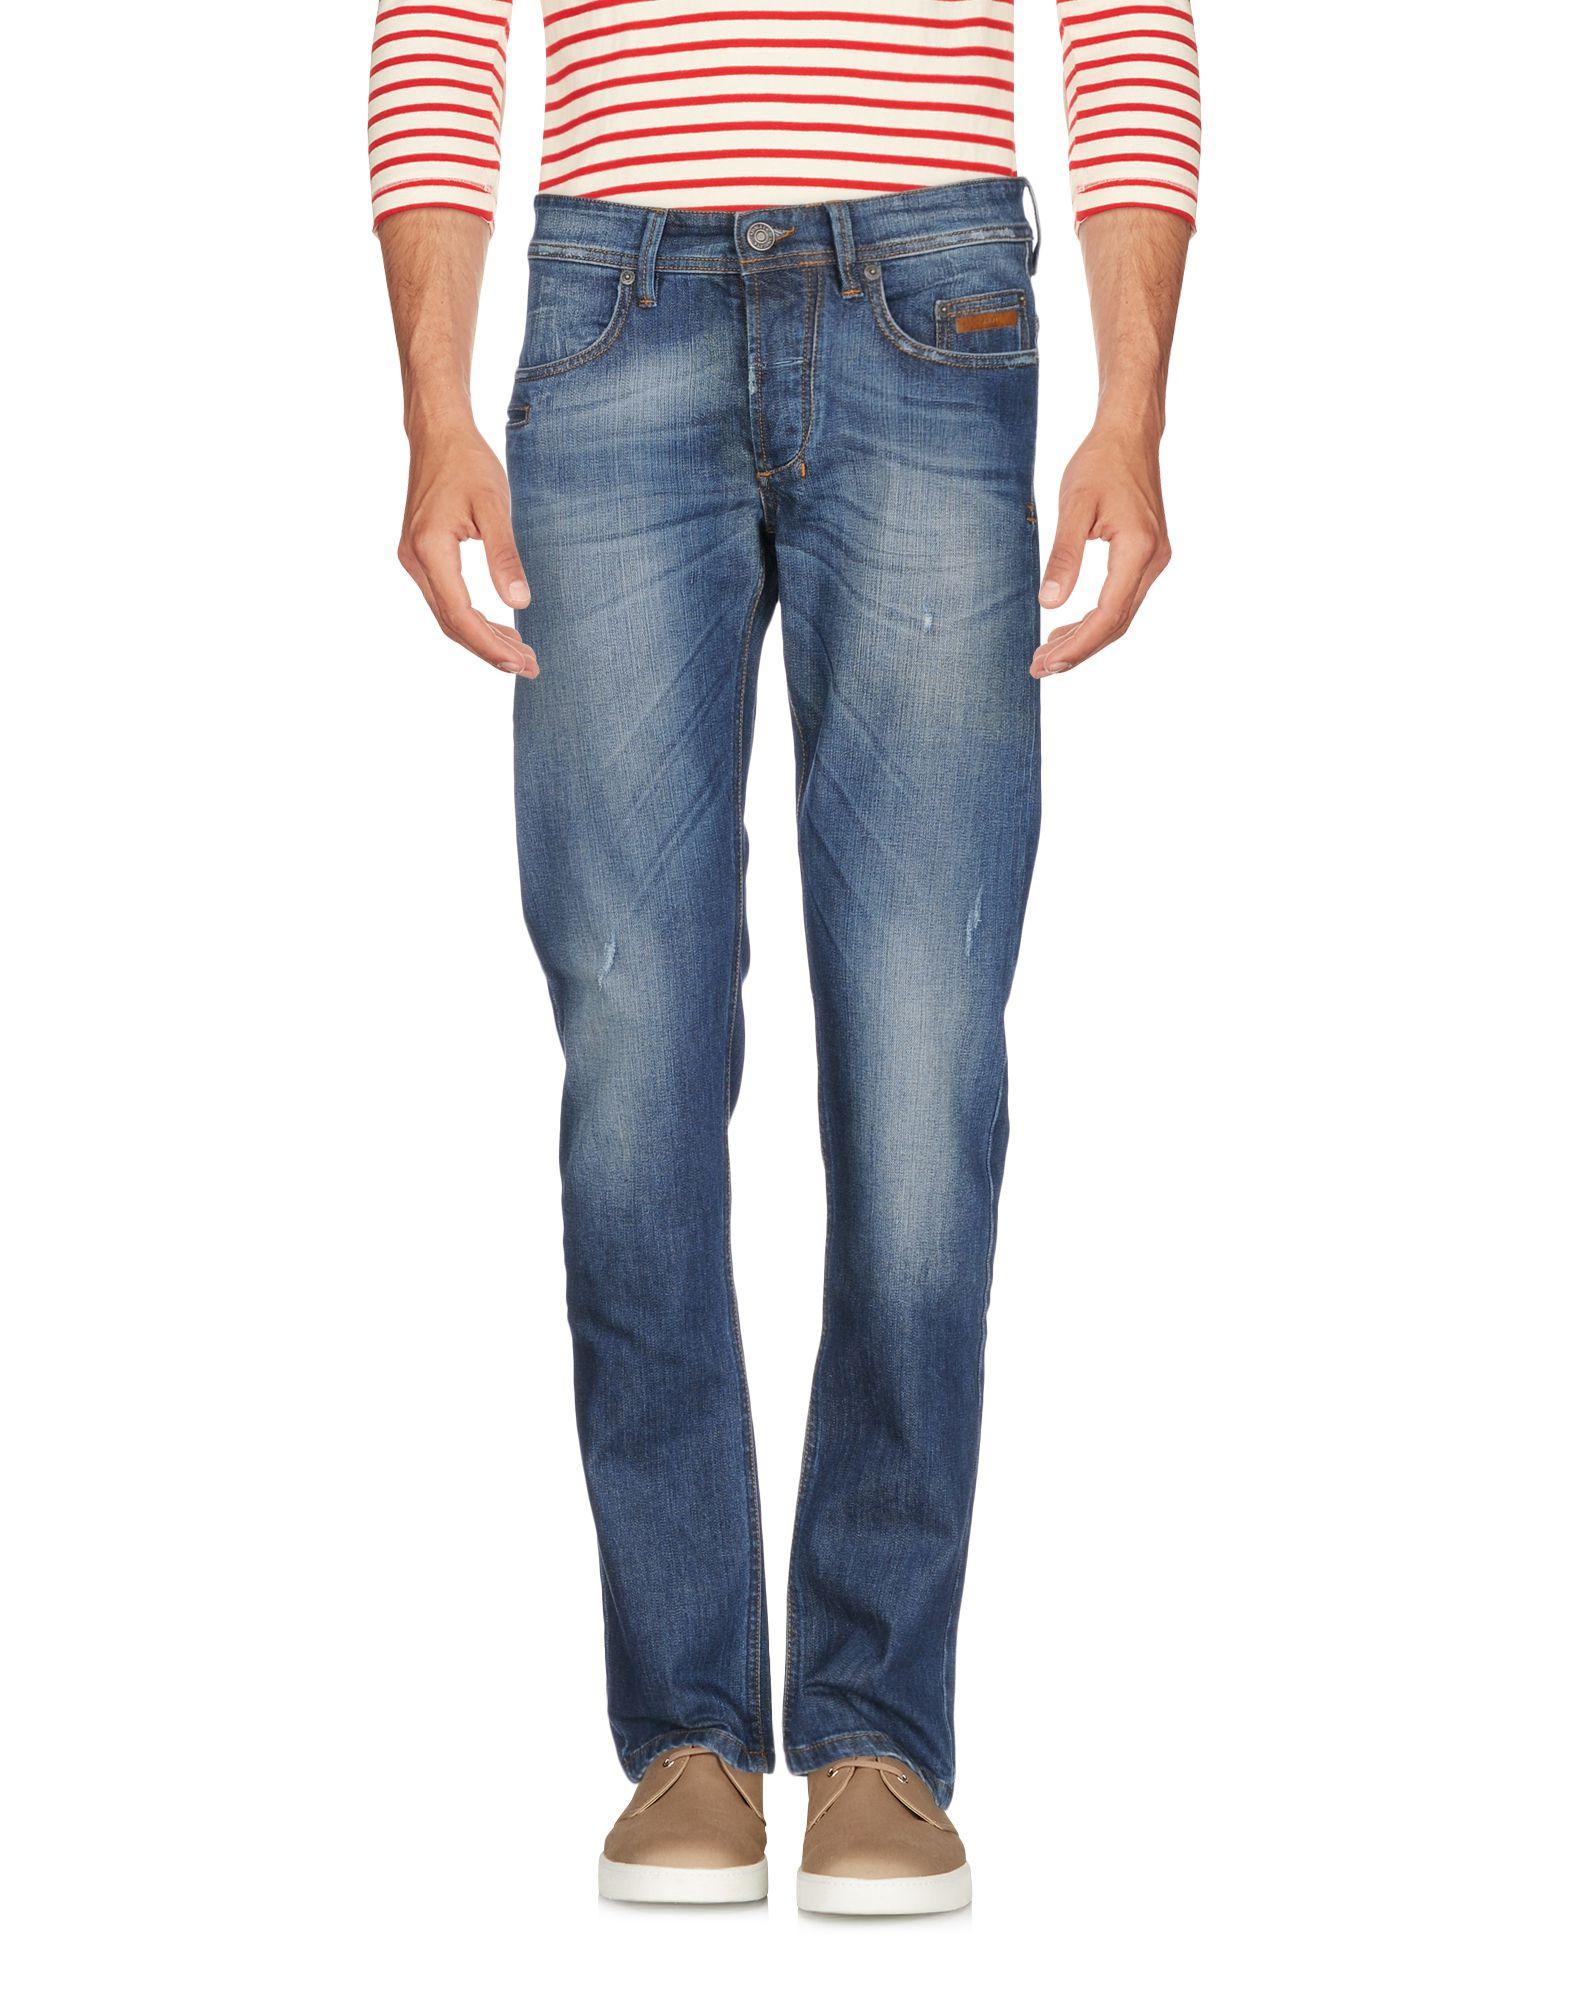 Pantaloni Jeans Siviglia Denim Uomo - Acquista online su